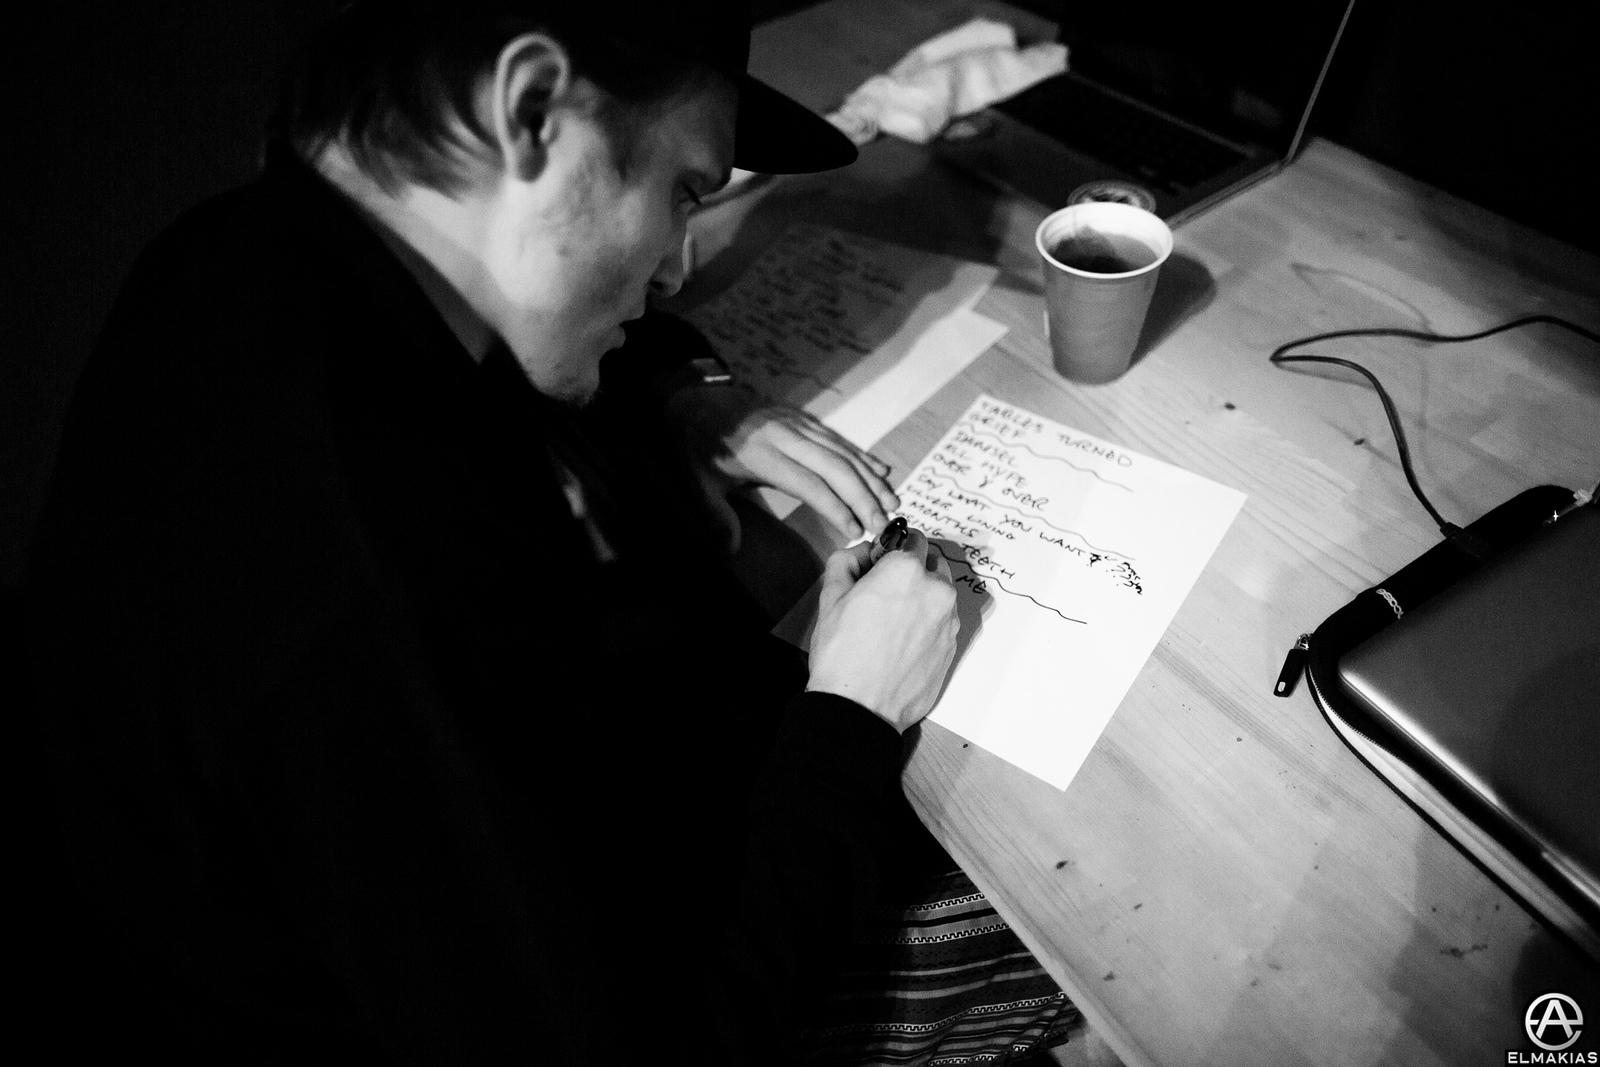 Ben of Neck Deep writing set lists